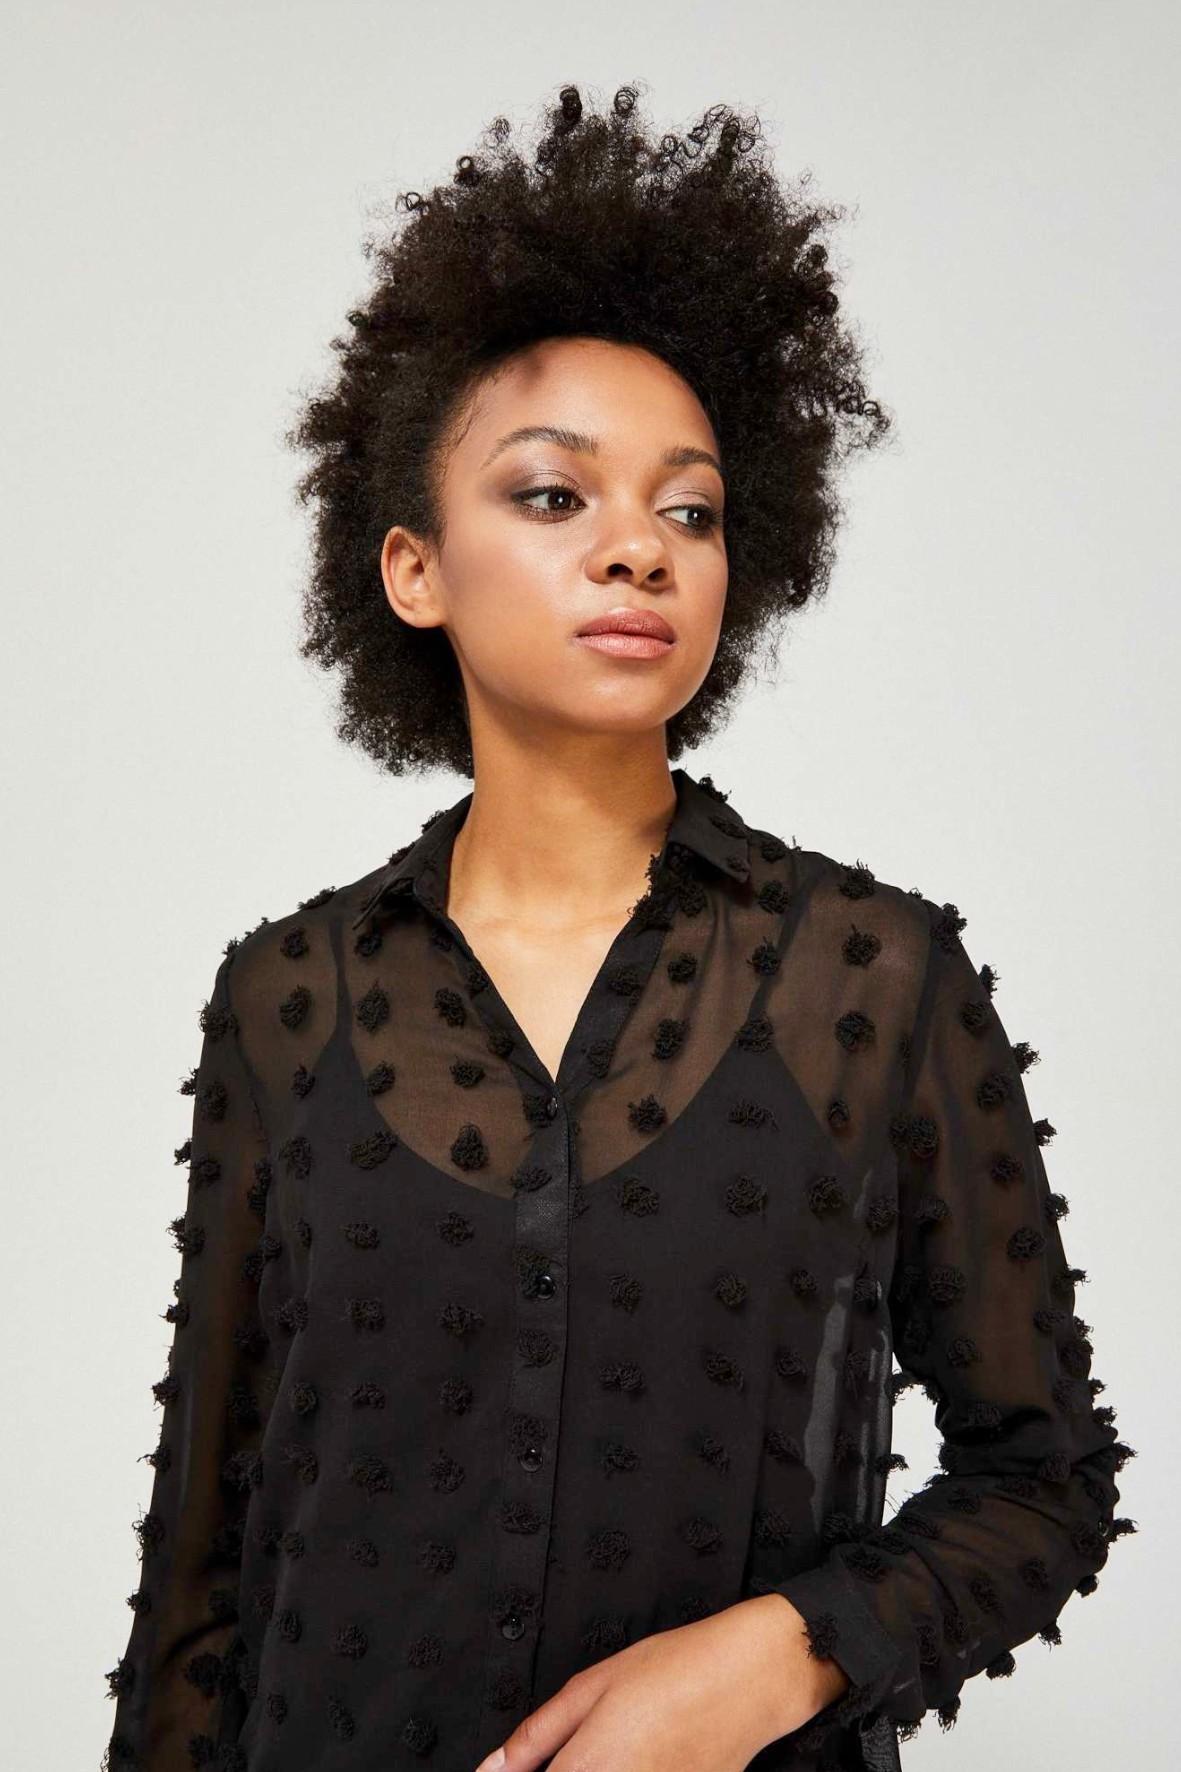 Damska czarna koszula w kropki 3D